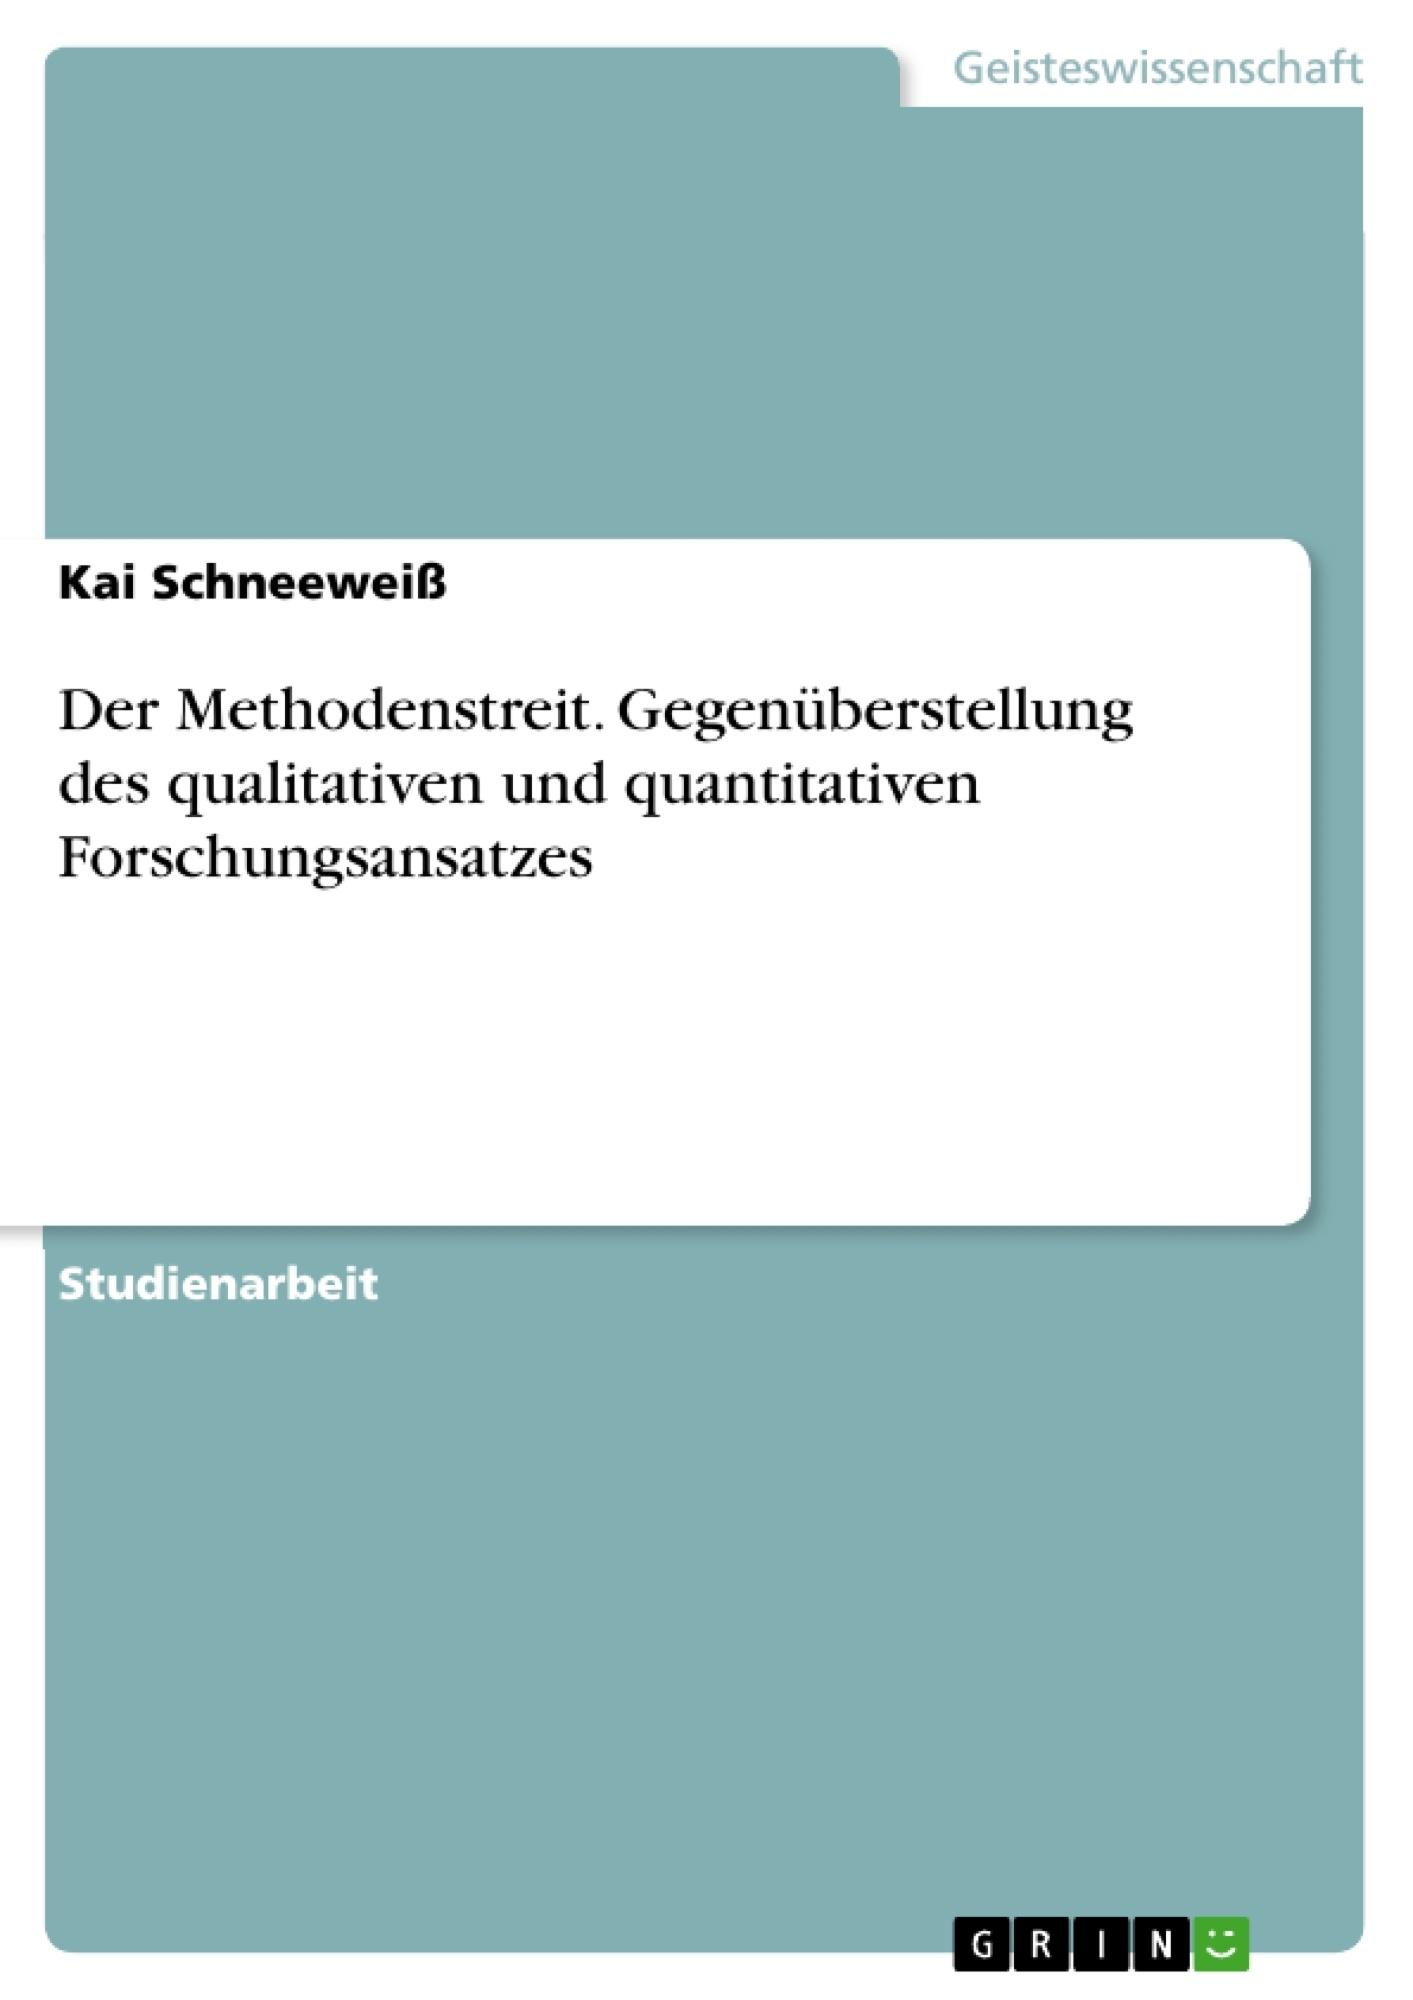 Titel: Der Methodenstreit. Gegenüberstellung des qualitativen und quantitativen Forschungsansatzes